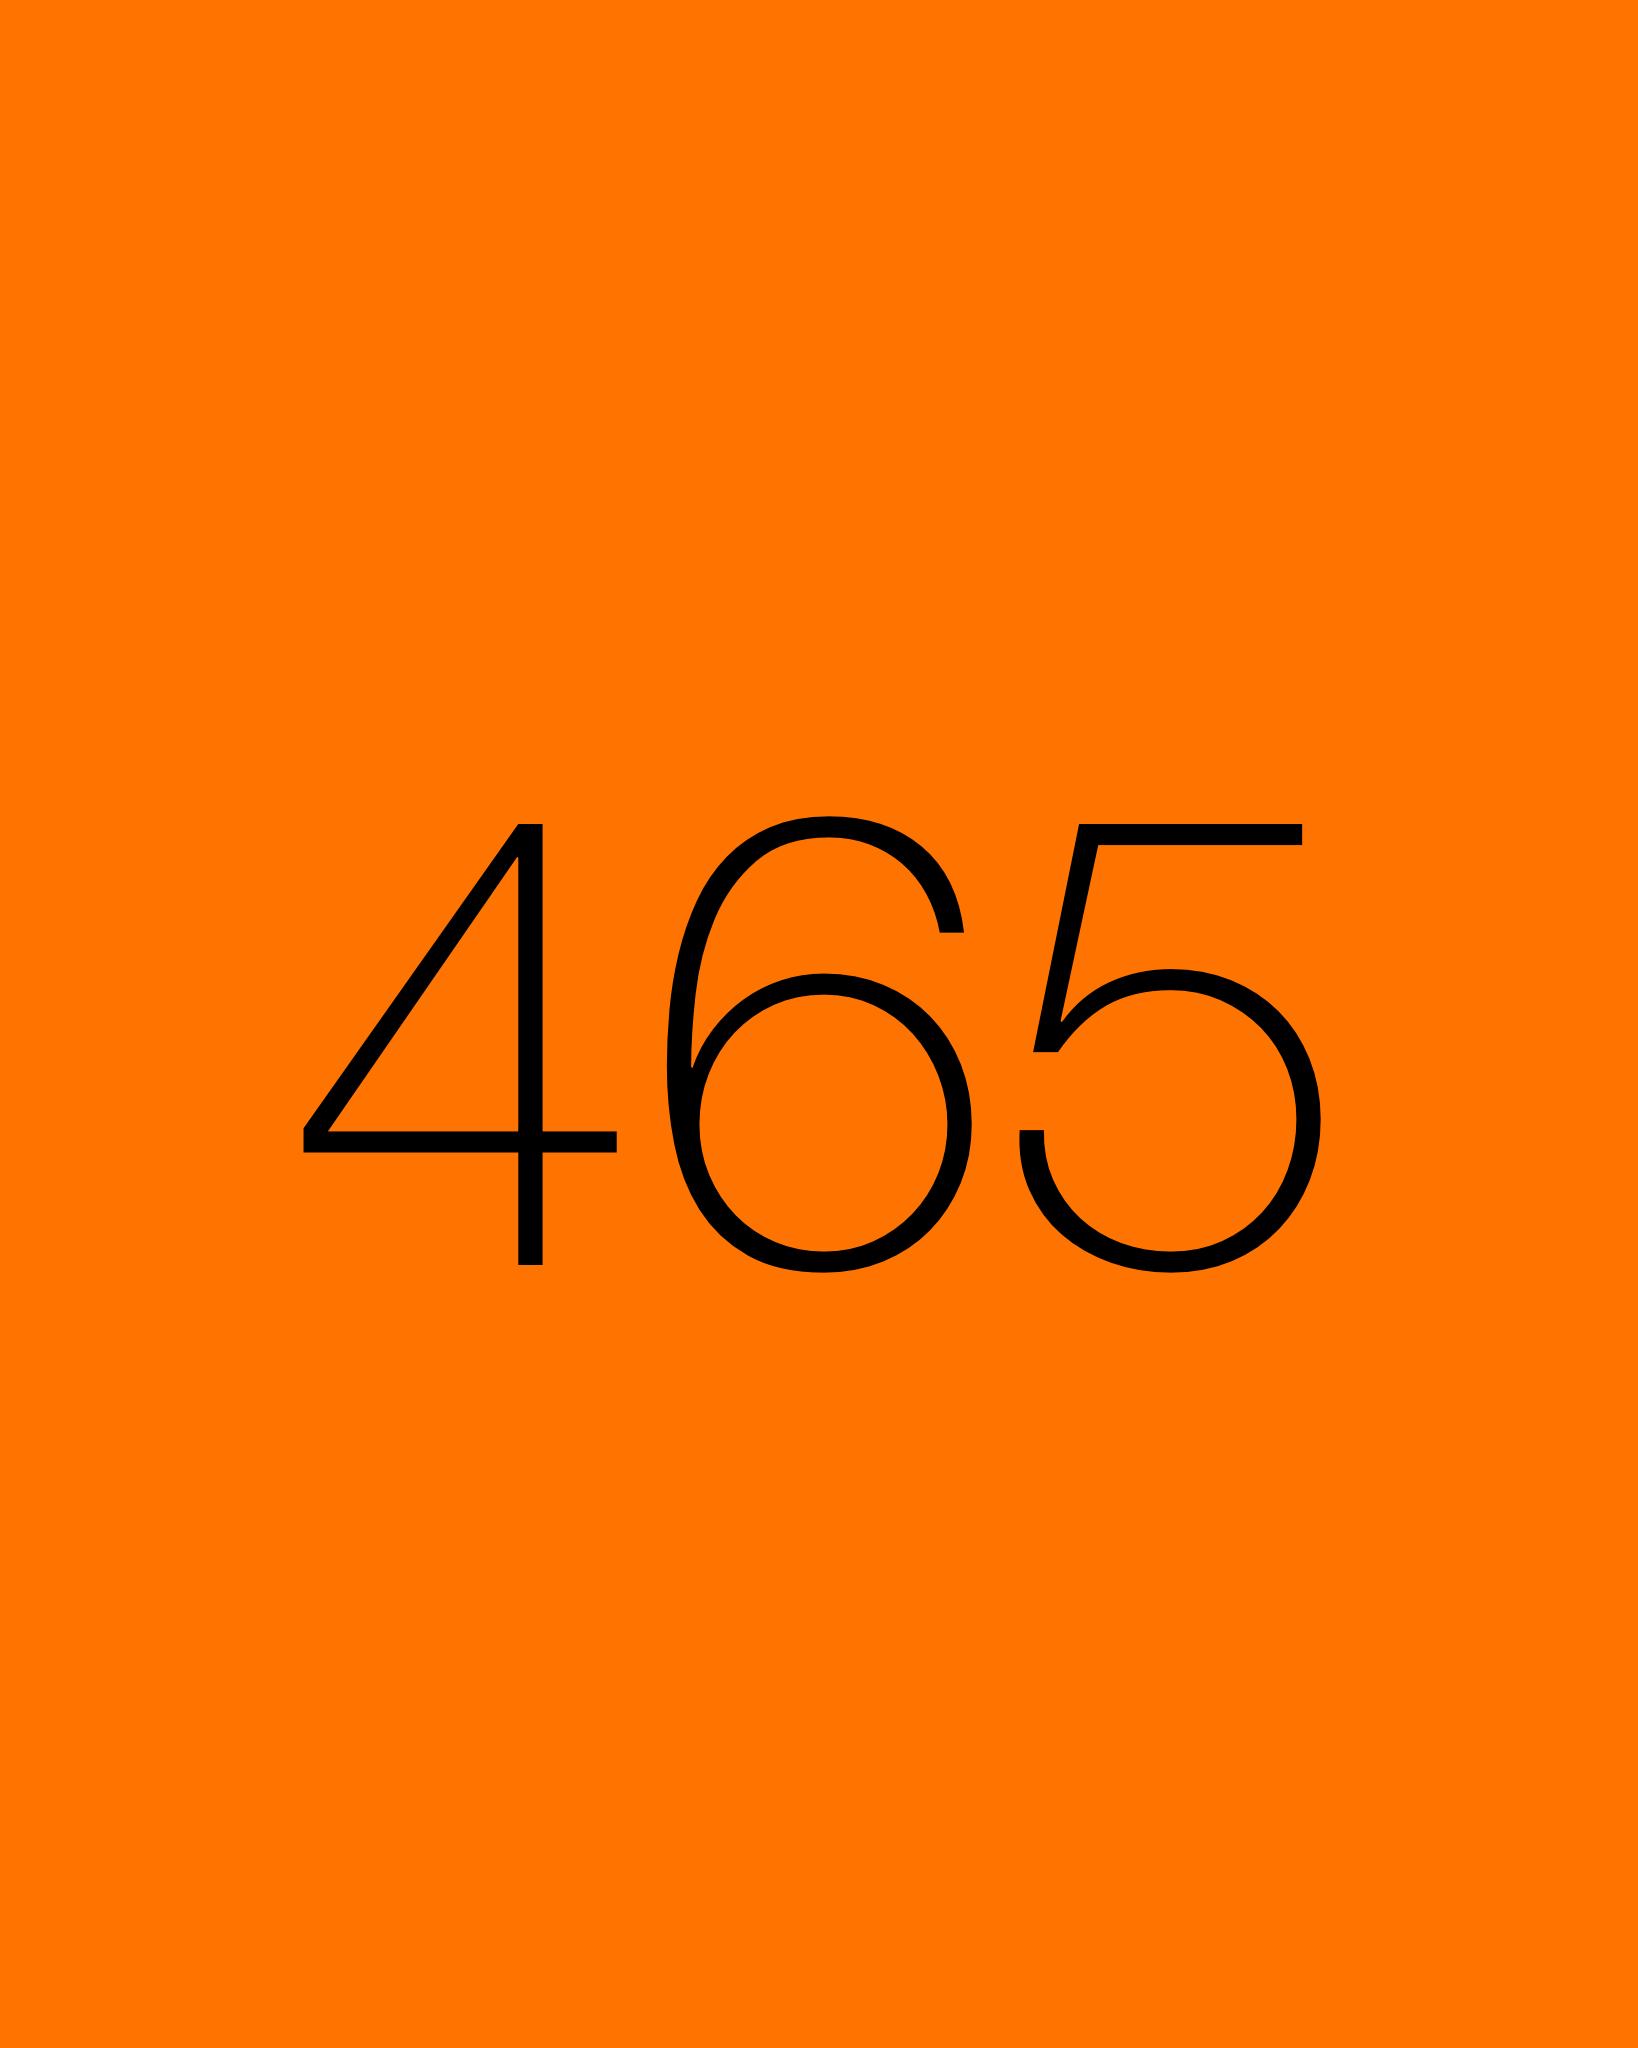 465 Stunden Weiterbildung im Jahr 2020!